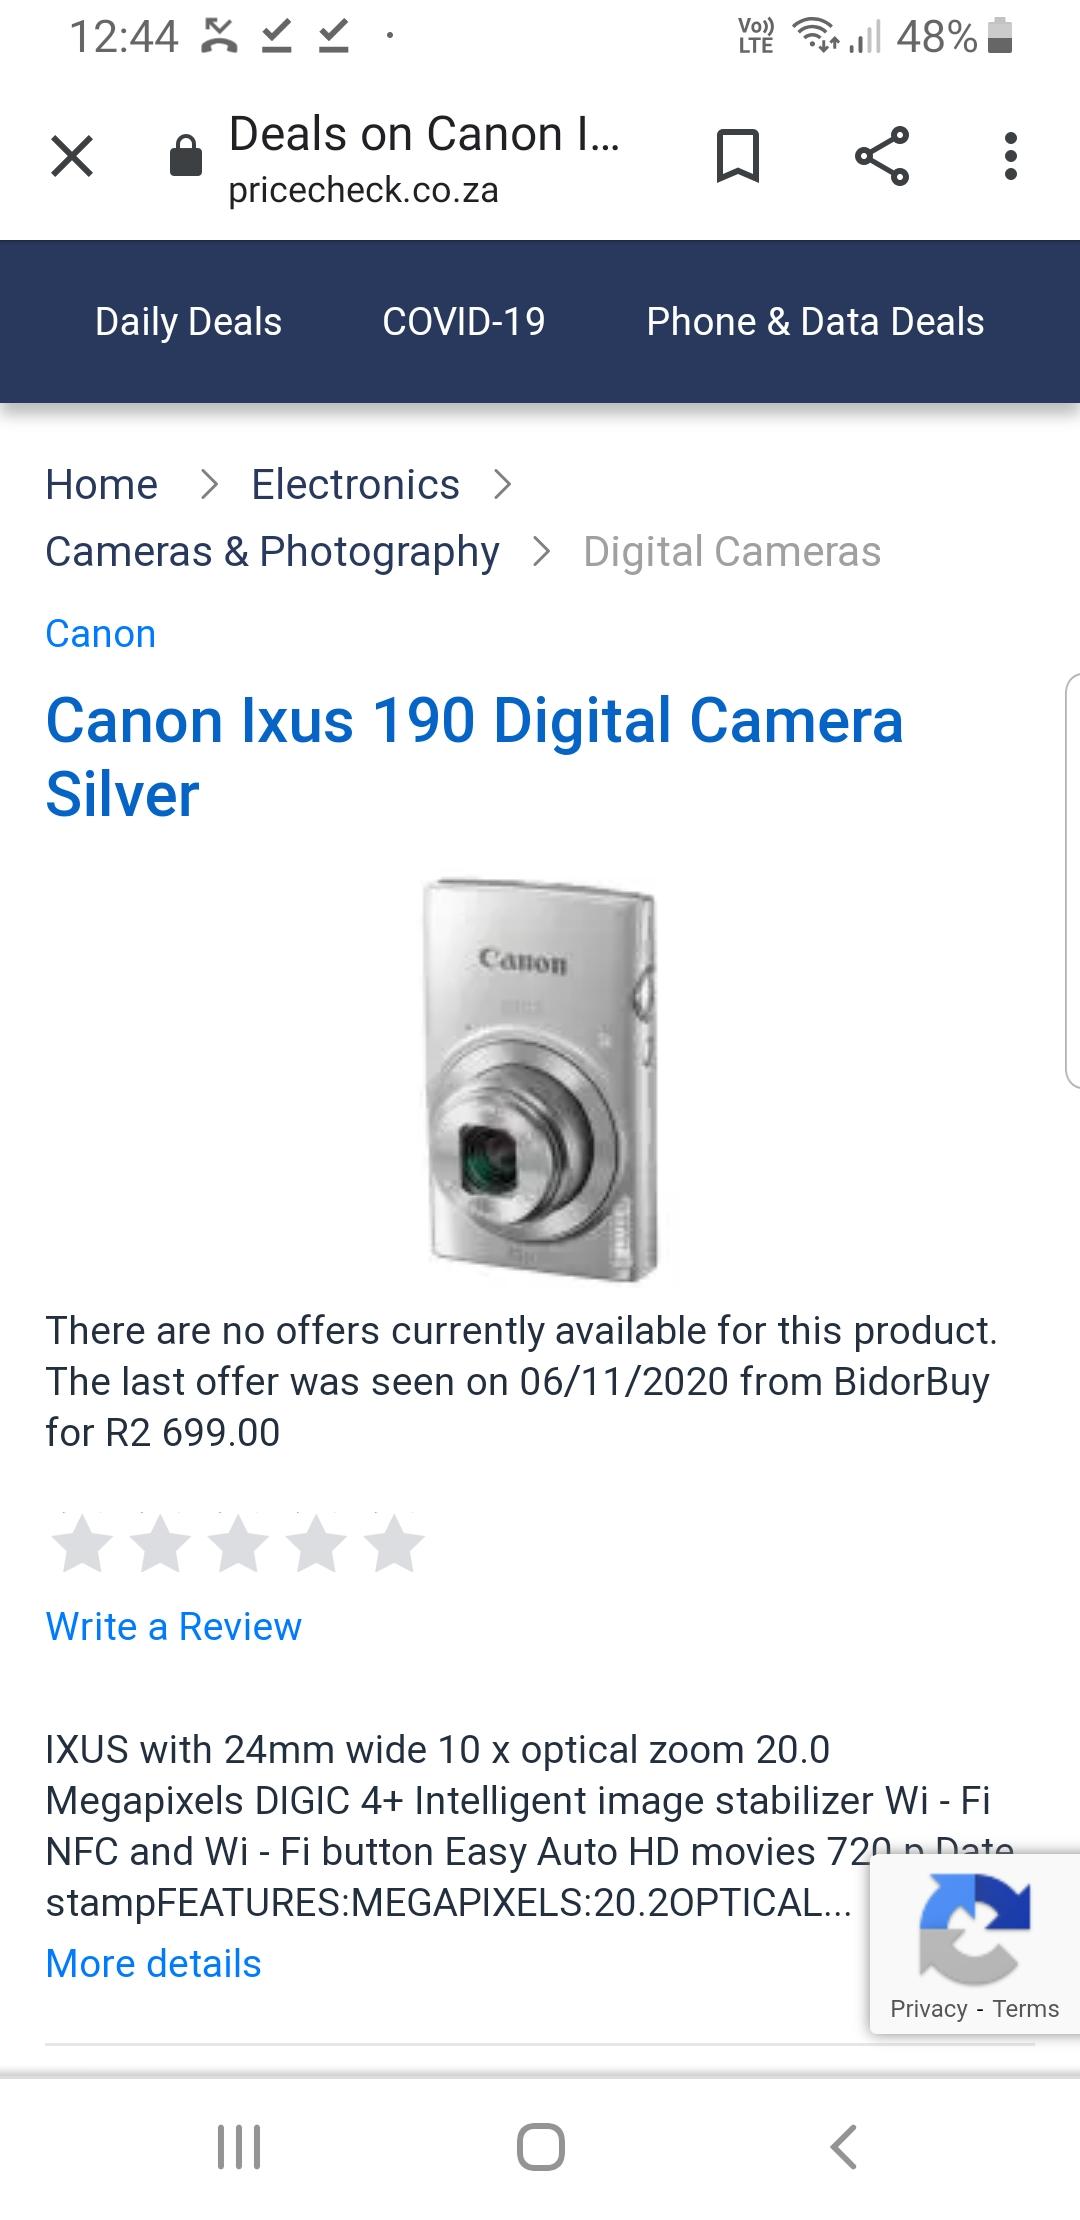 Conon Digital Camera